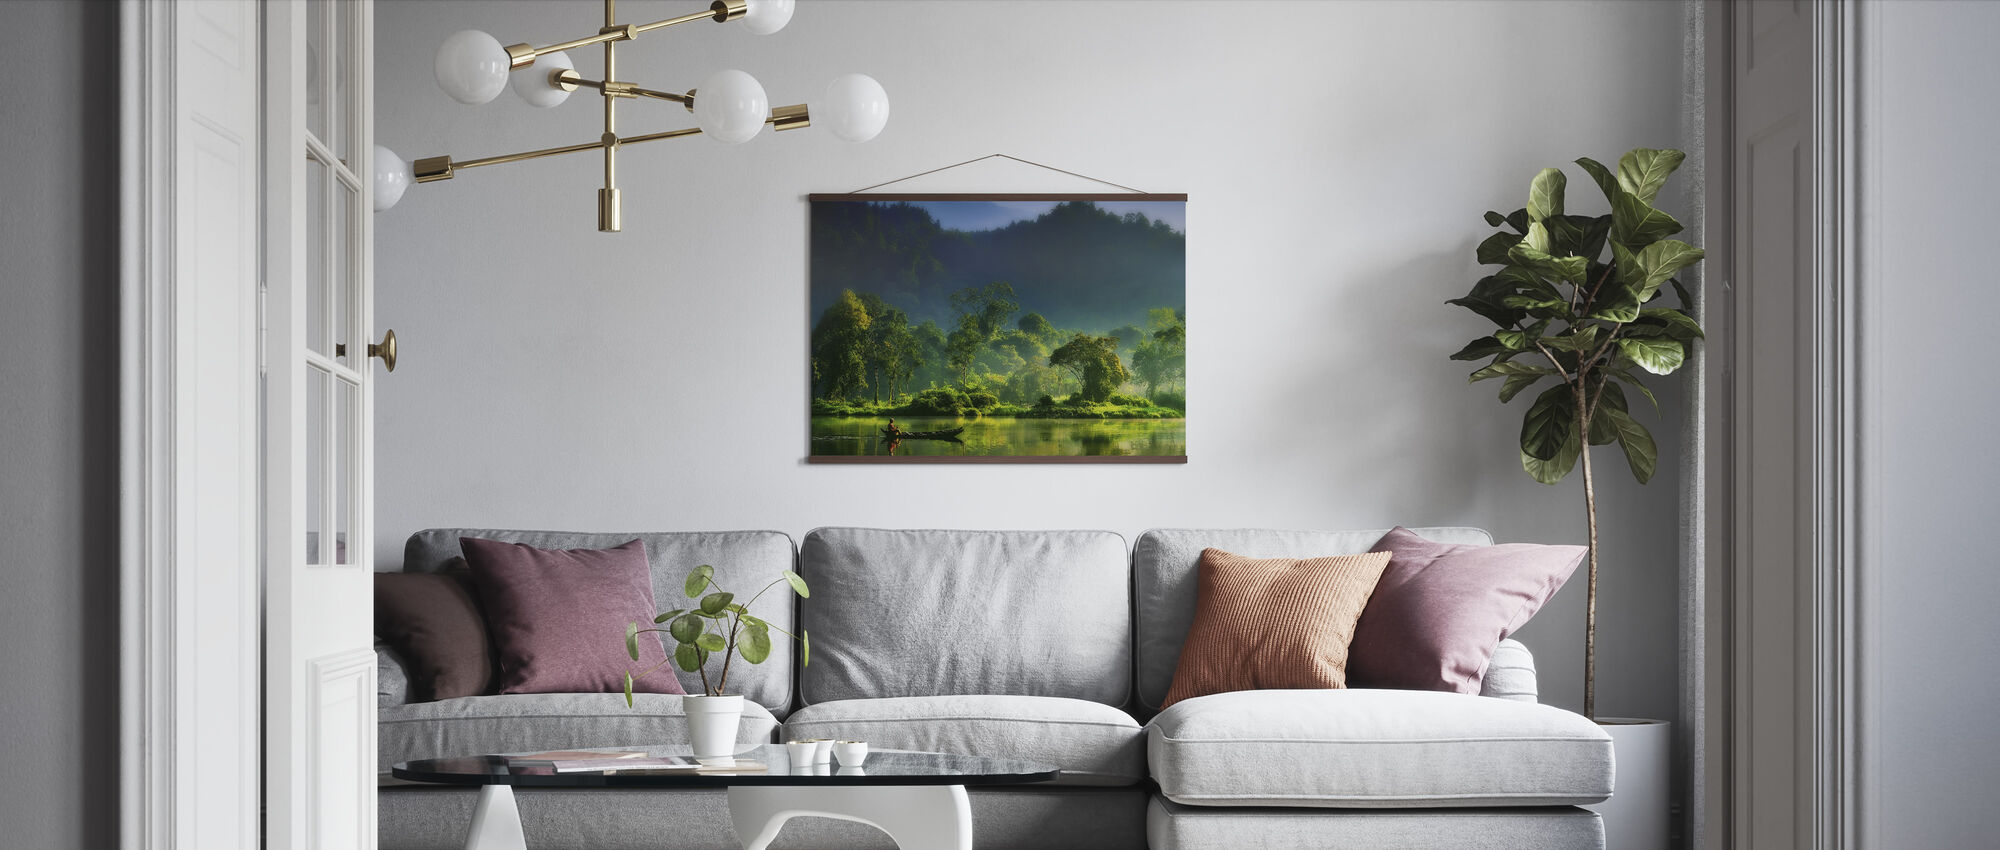 Schilderij van de natuur - Poster - Woonkamer